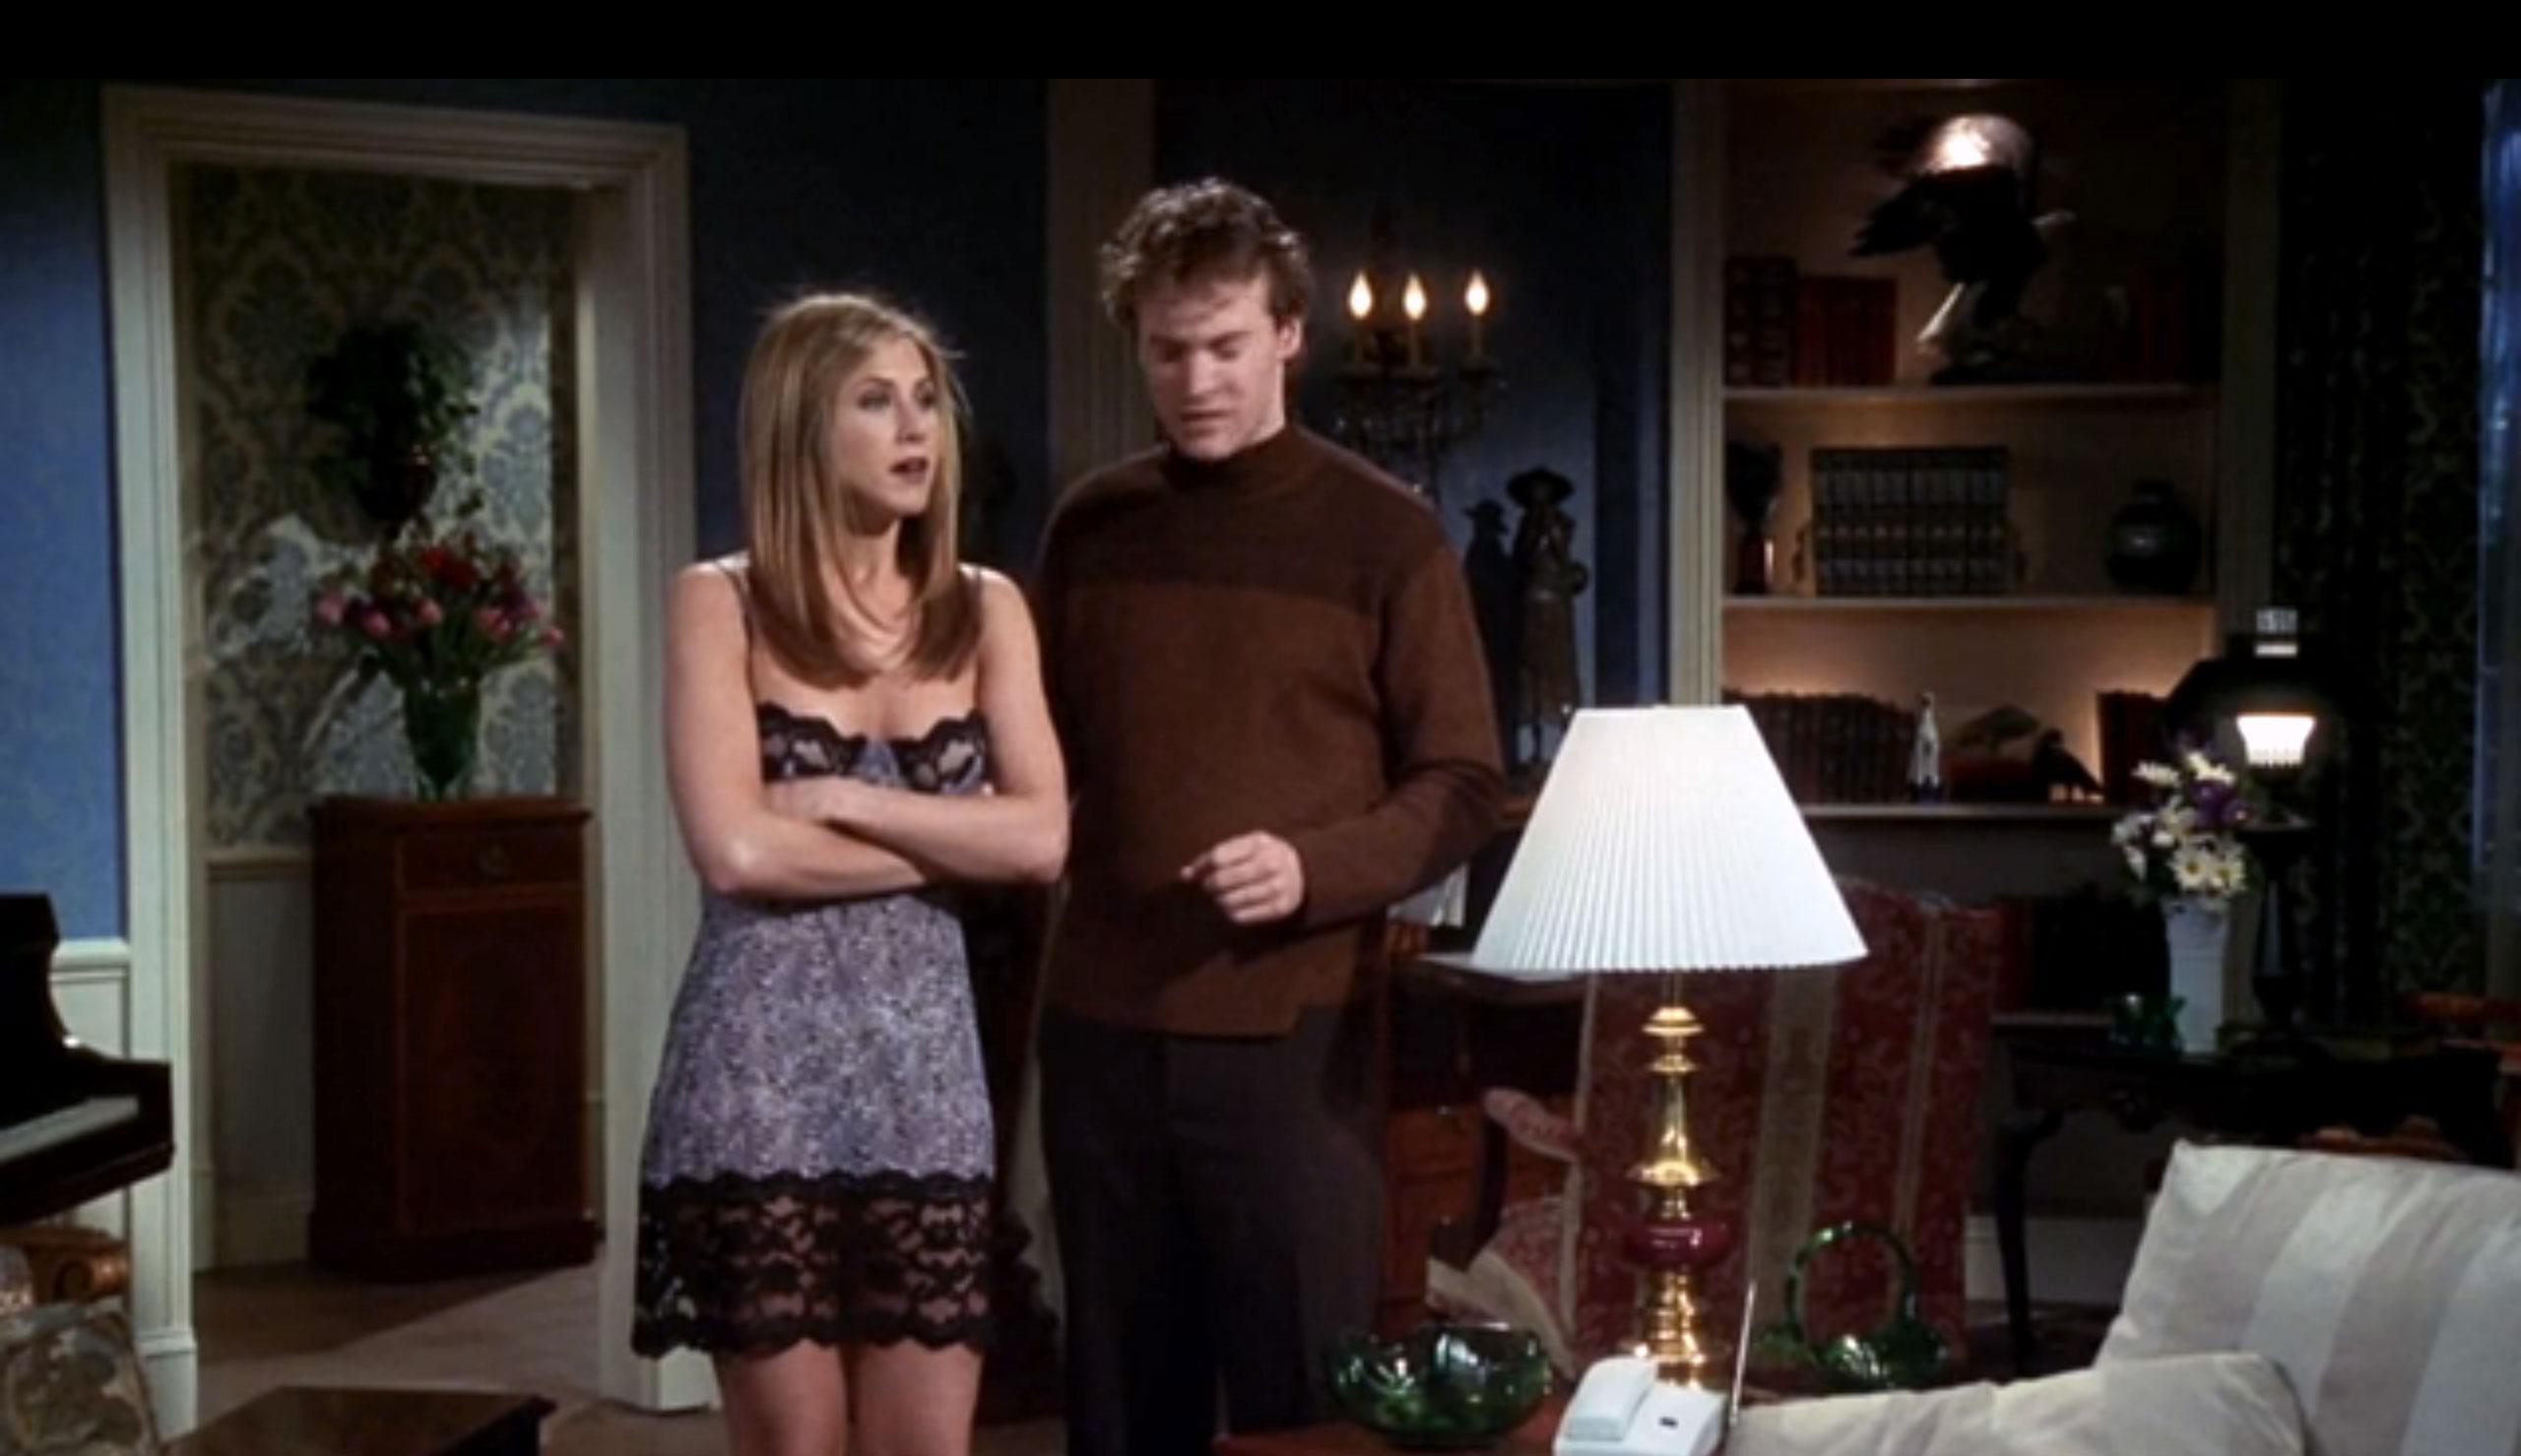 Комбинация в качестве верхней одежды в сериале «Друзья»